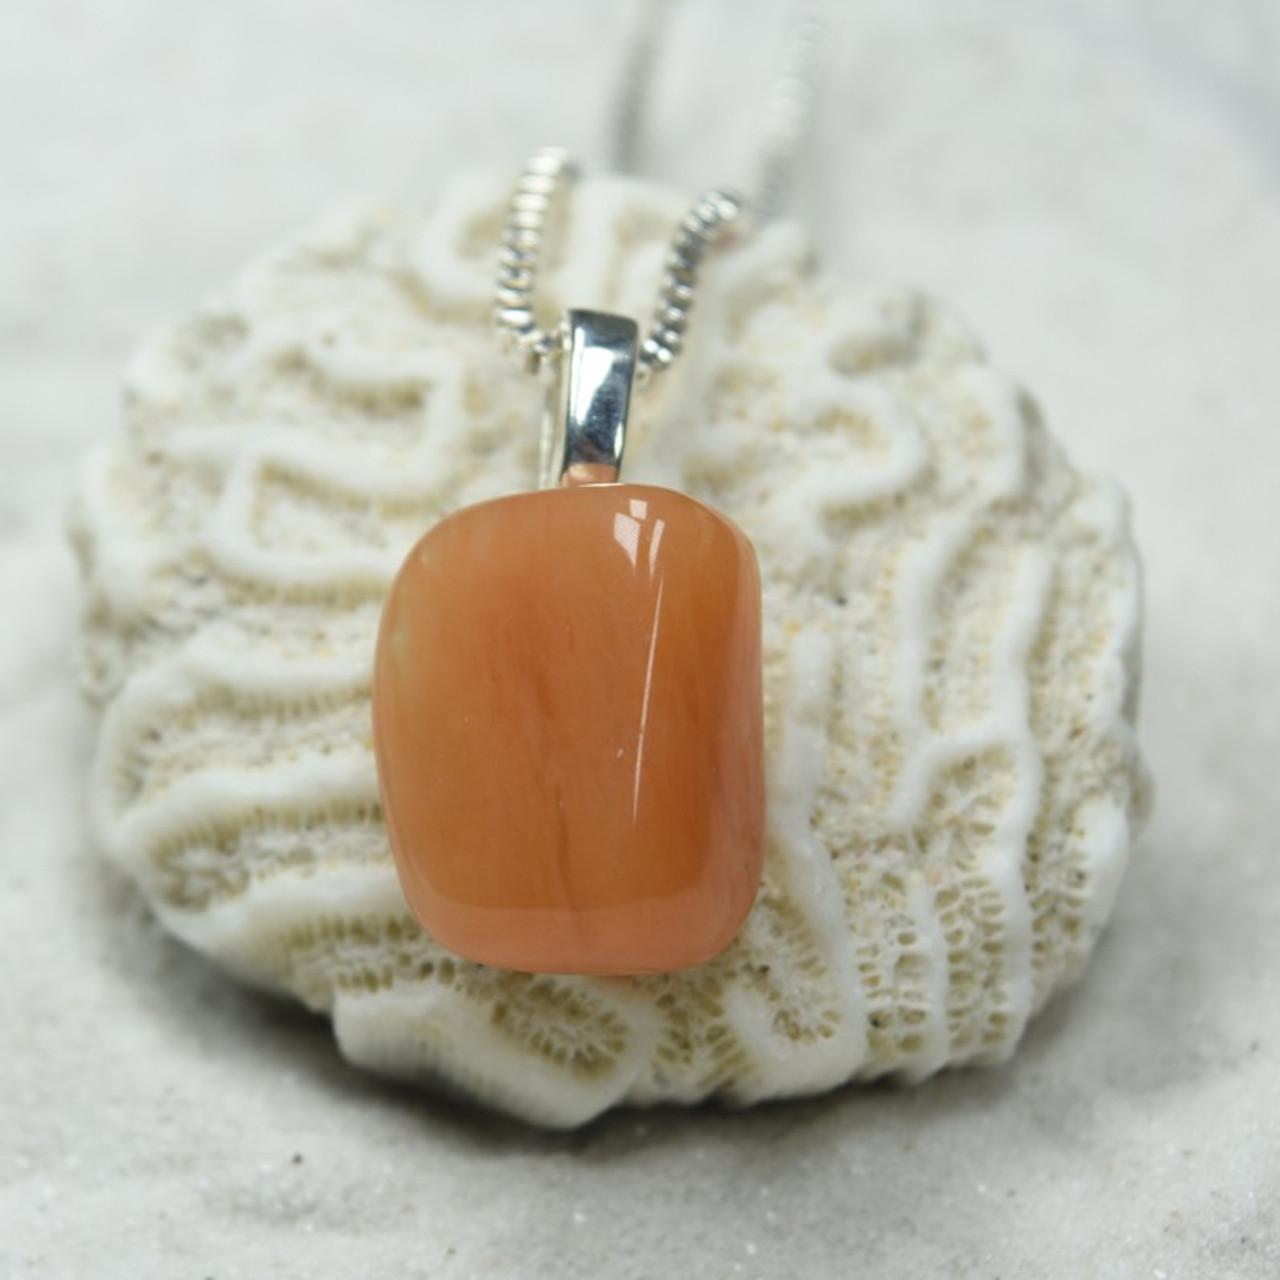 Tumbled Peach Quartz Pendant